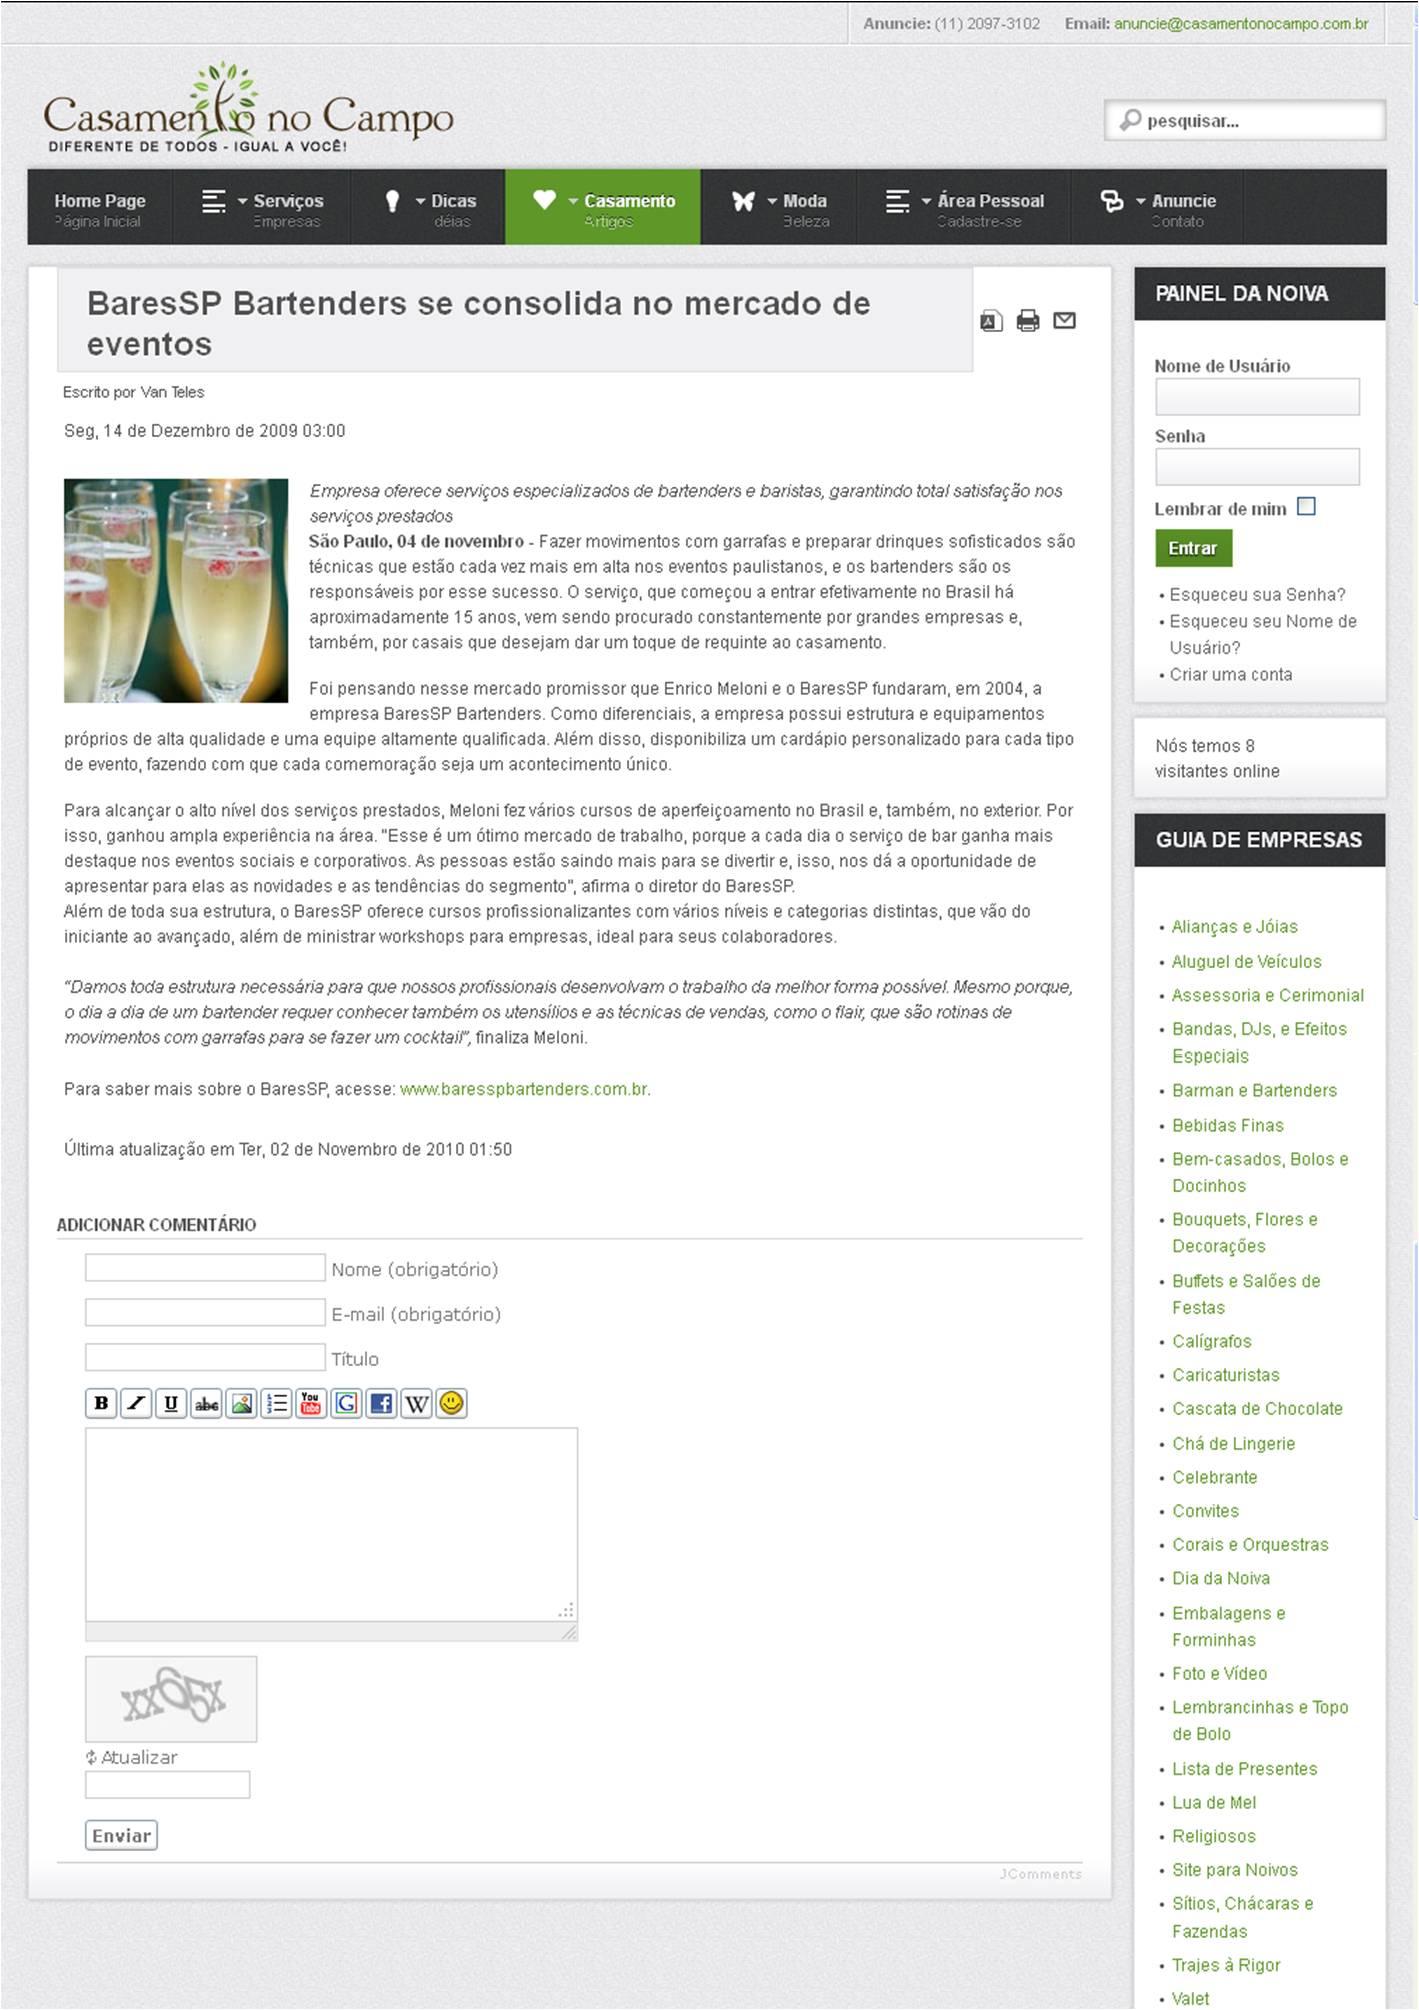 BaresSP Bartenders se consolida no mercado de eventos BaresSP image